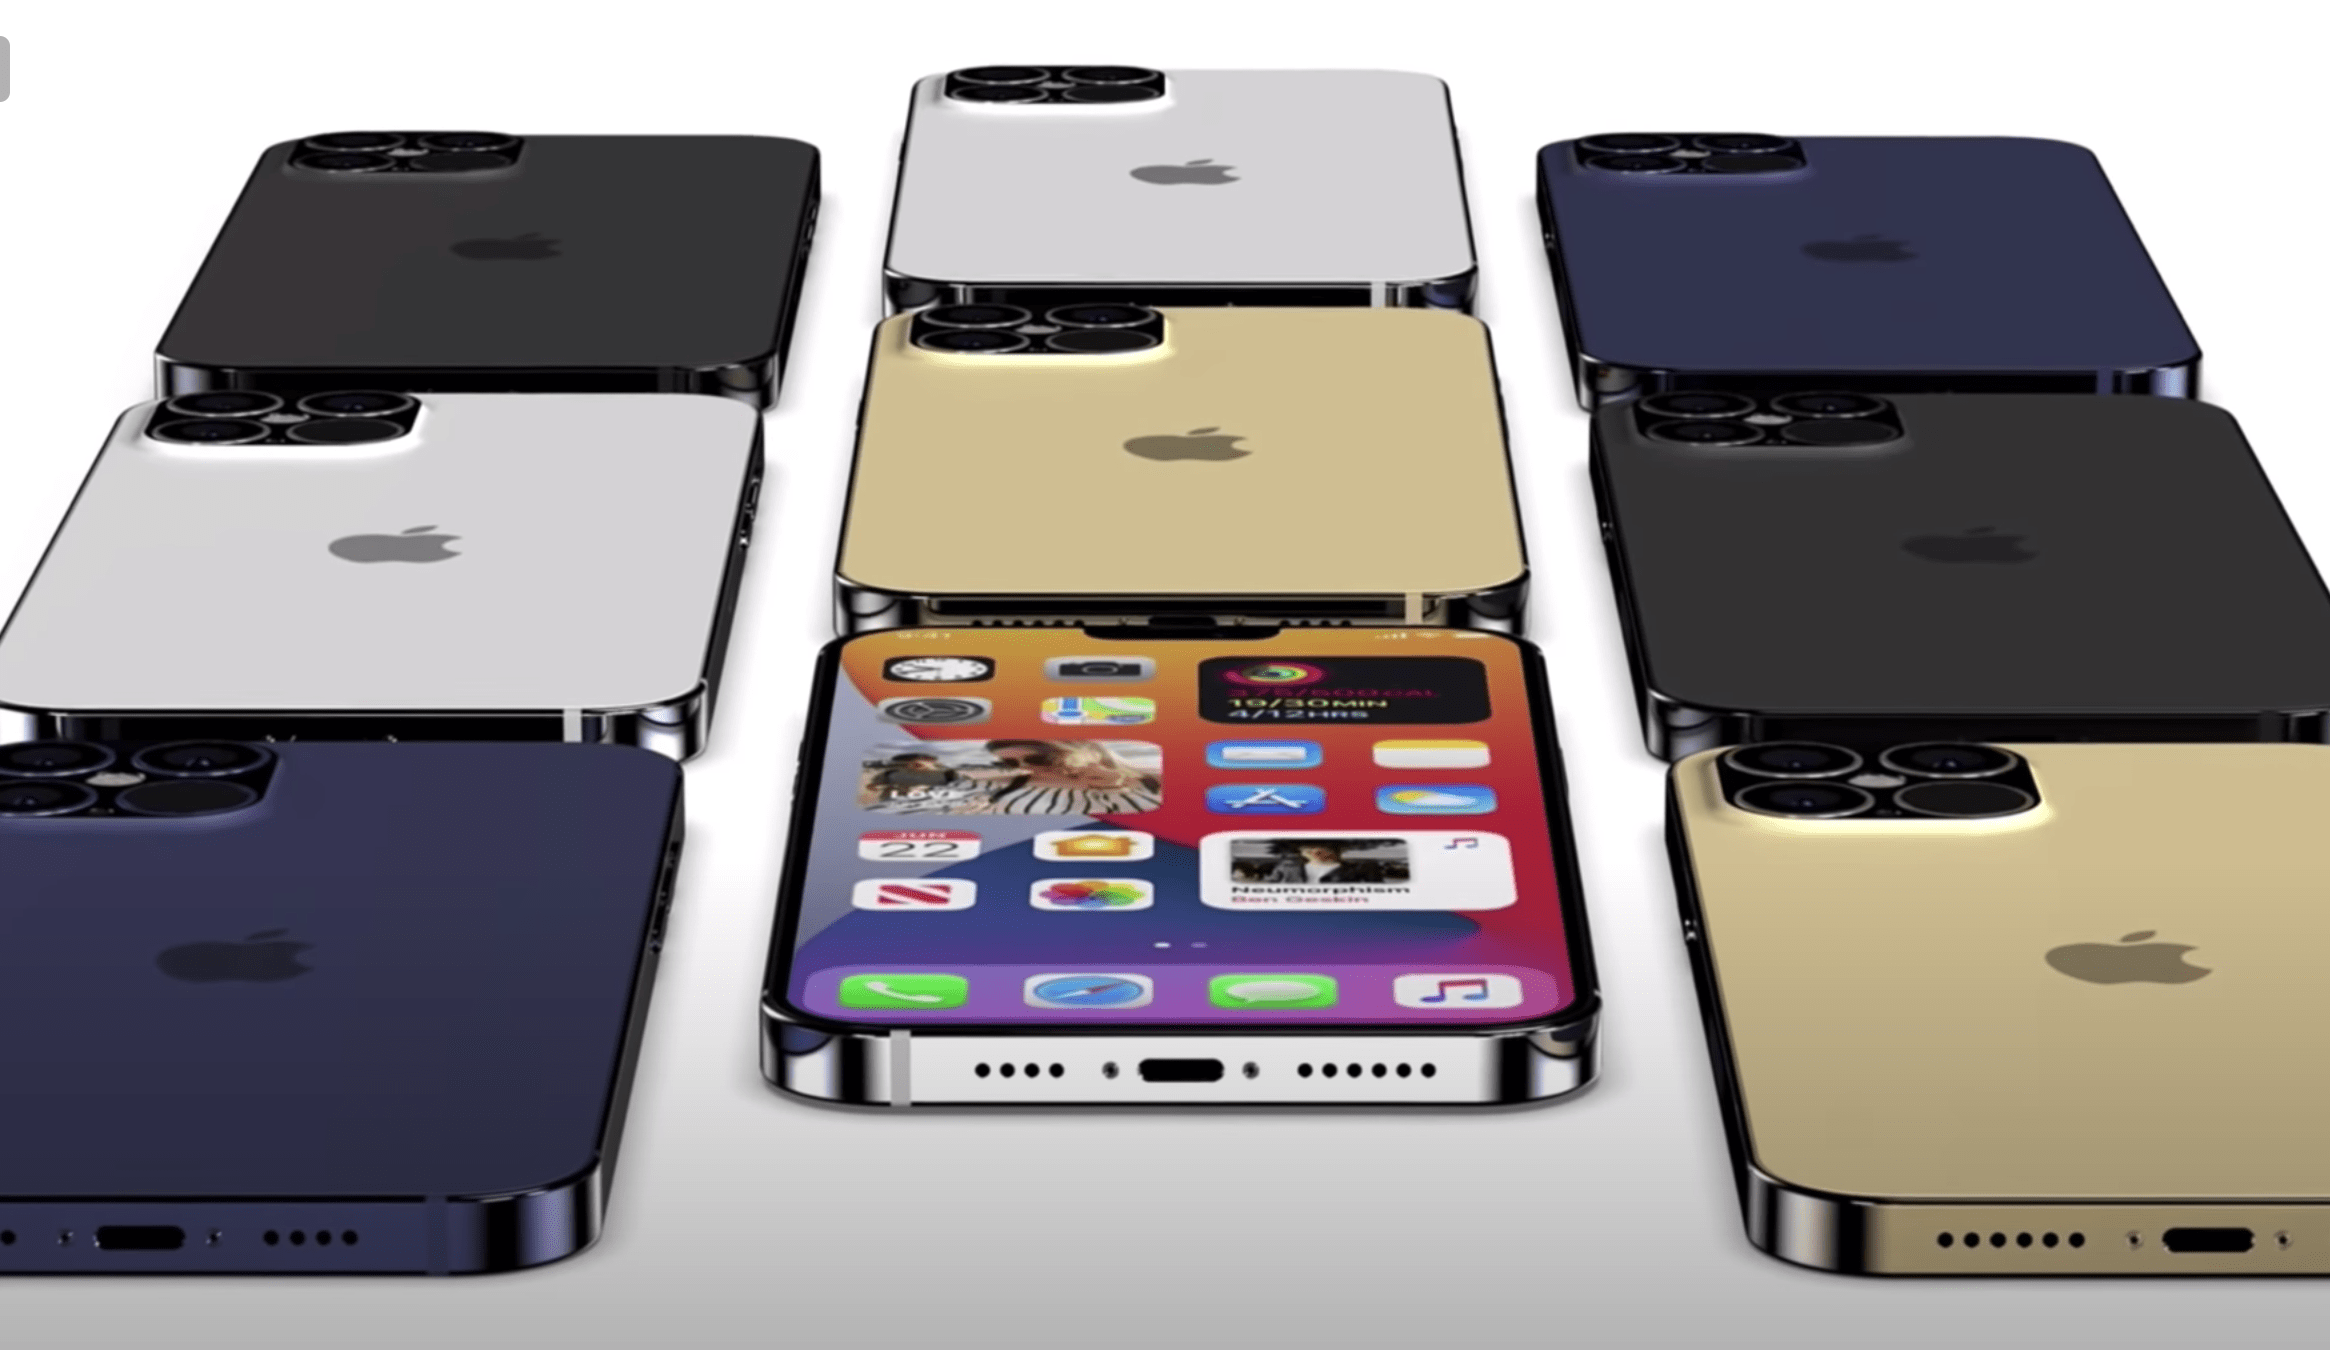 2020年新作iPhone 12の発売日はいつ?価格・スペック・性能・リーク情報